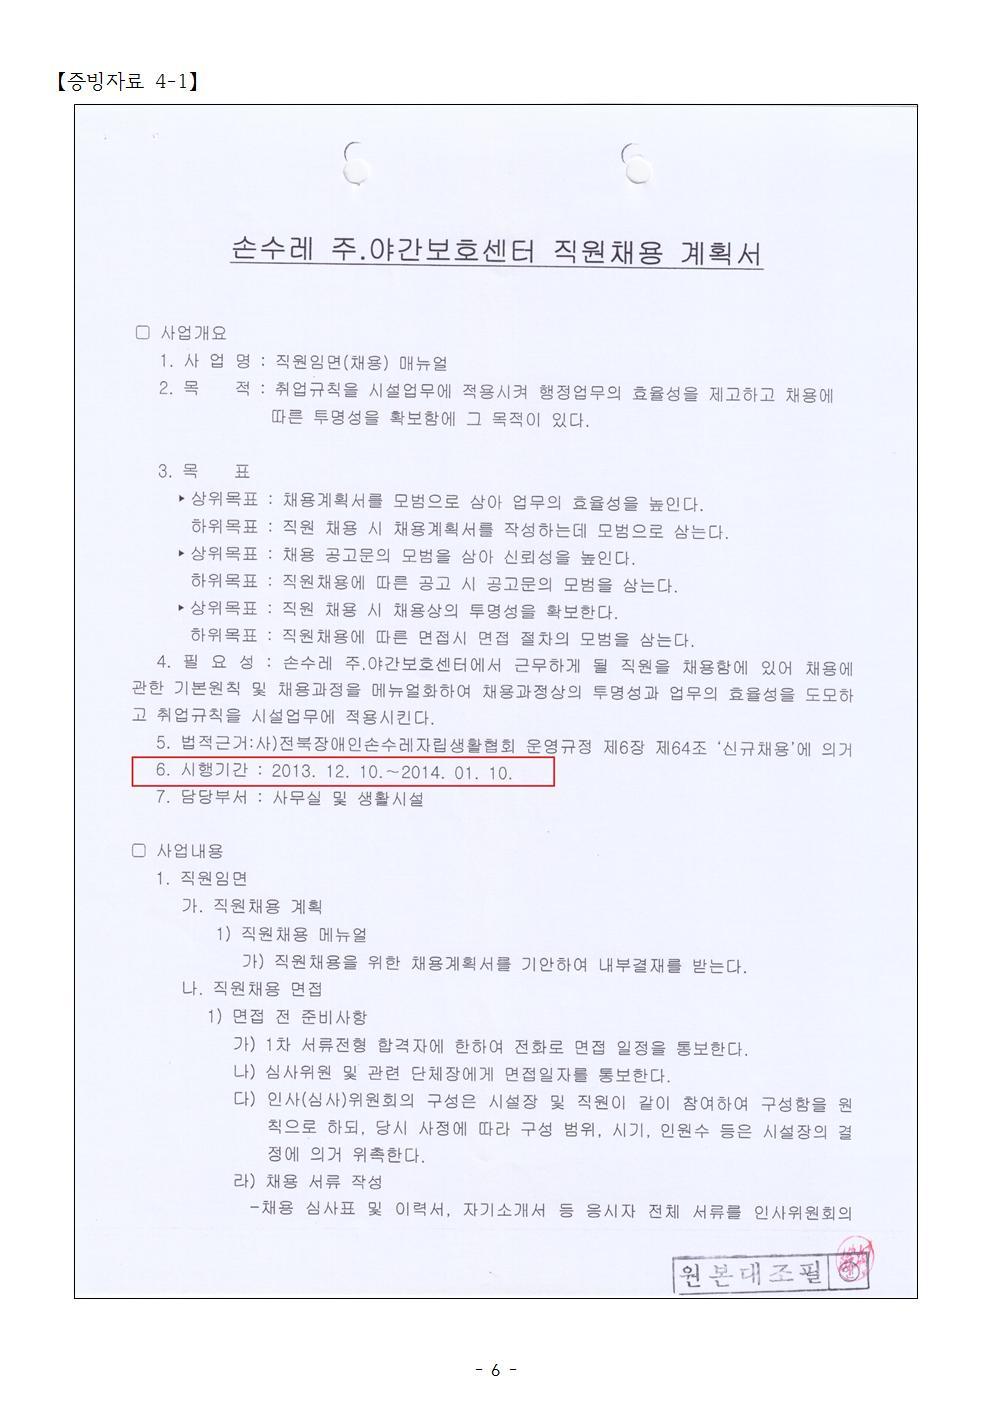 2013년 12월 31일 전주시(전북도), 손수레주간보호센터 신고에서 수리까지 모두 당일에 OK006.jpg